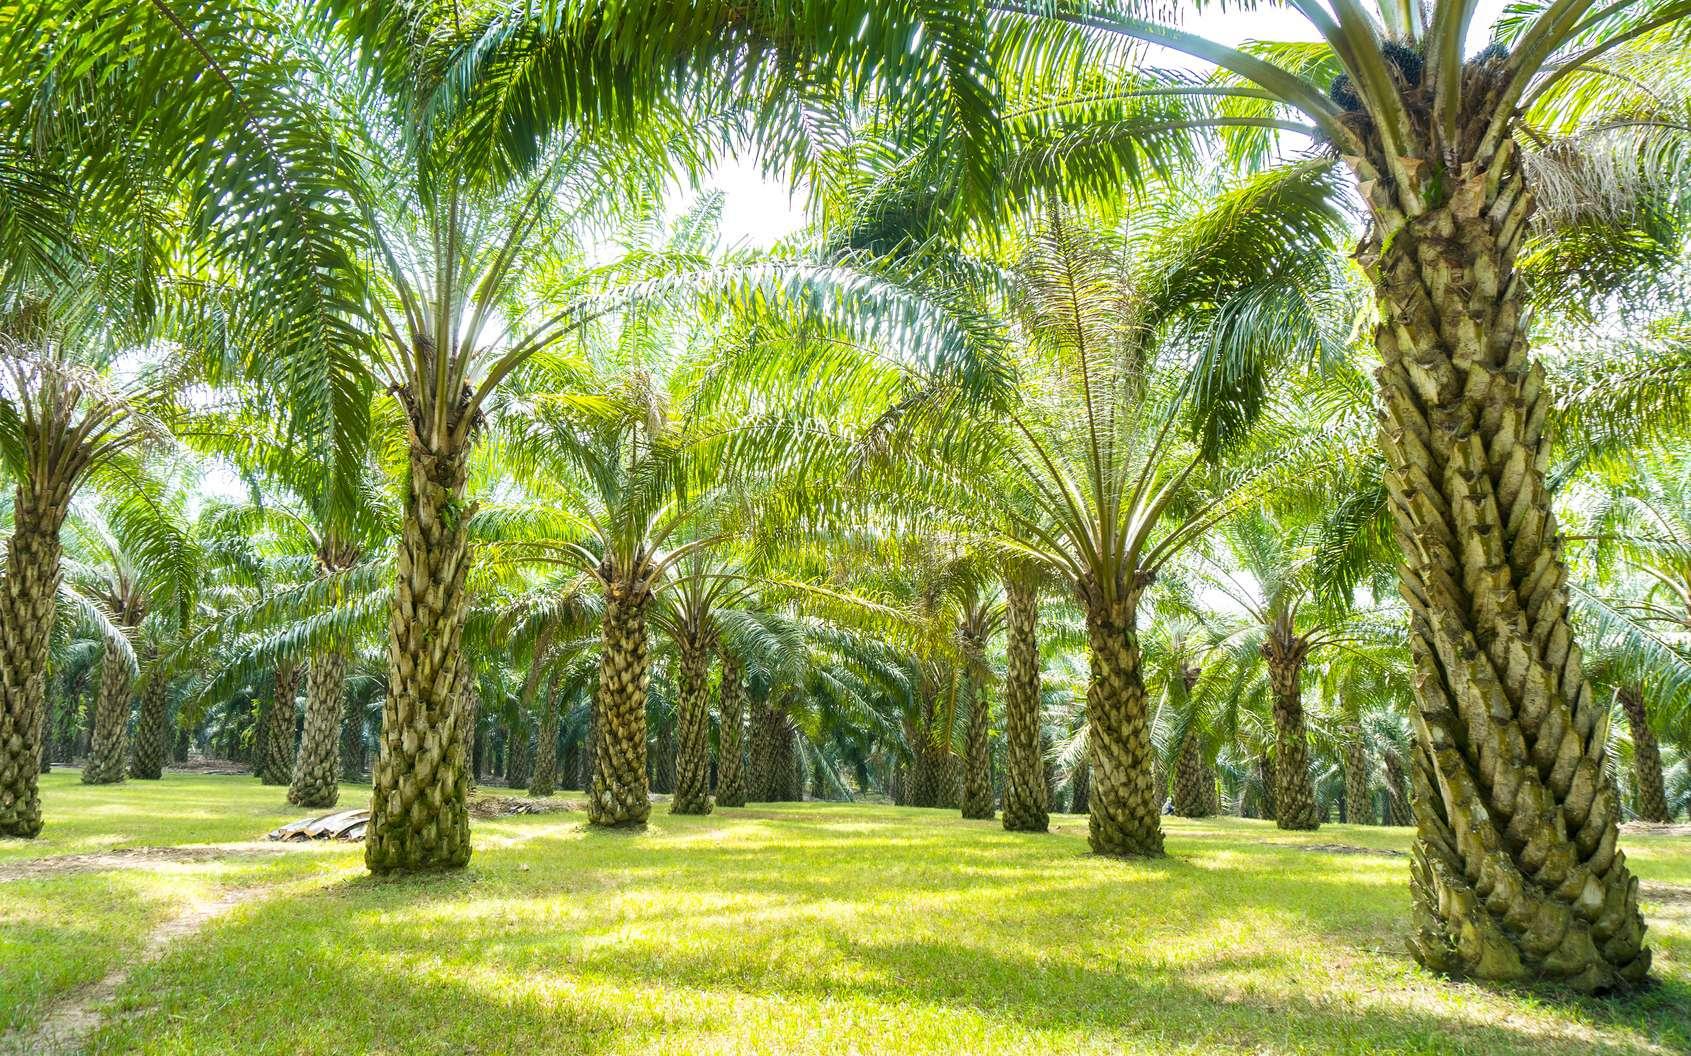 Palmiers à huile. © Saidin Jusoh, Fotolia